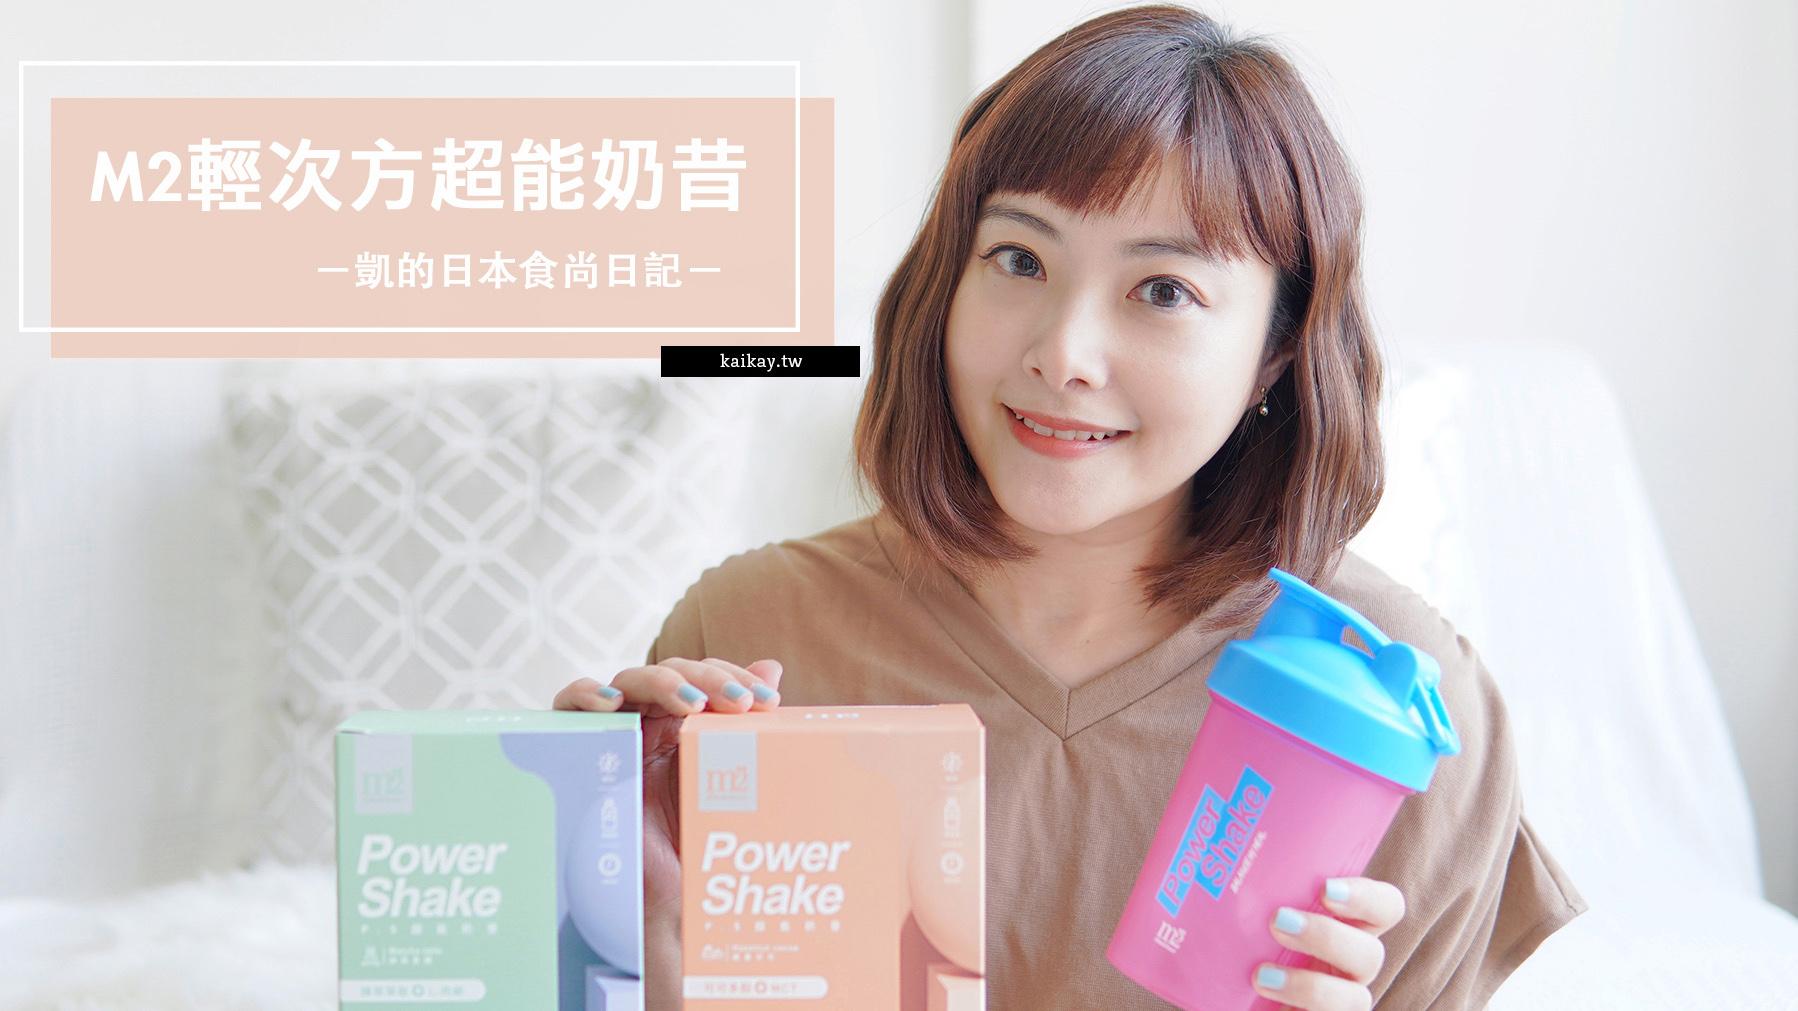 今日熱門文章:☆【美食】M2輕次方超能奶昔。每天給你滿滿活力的POWER SHAKE!